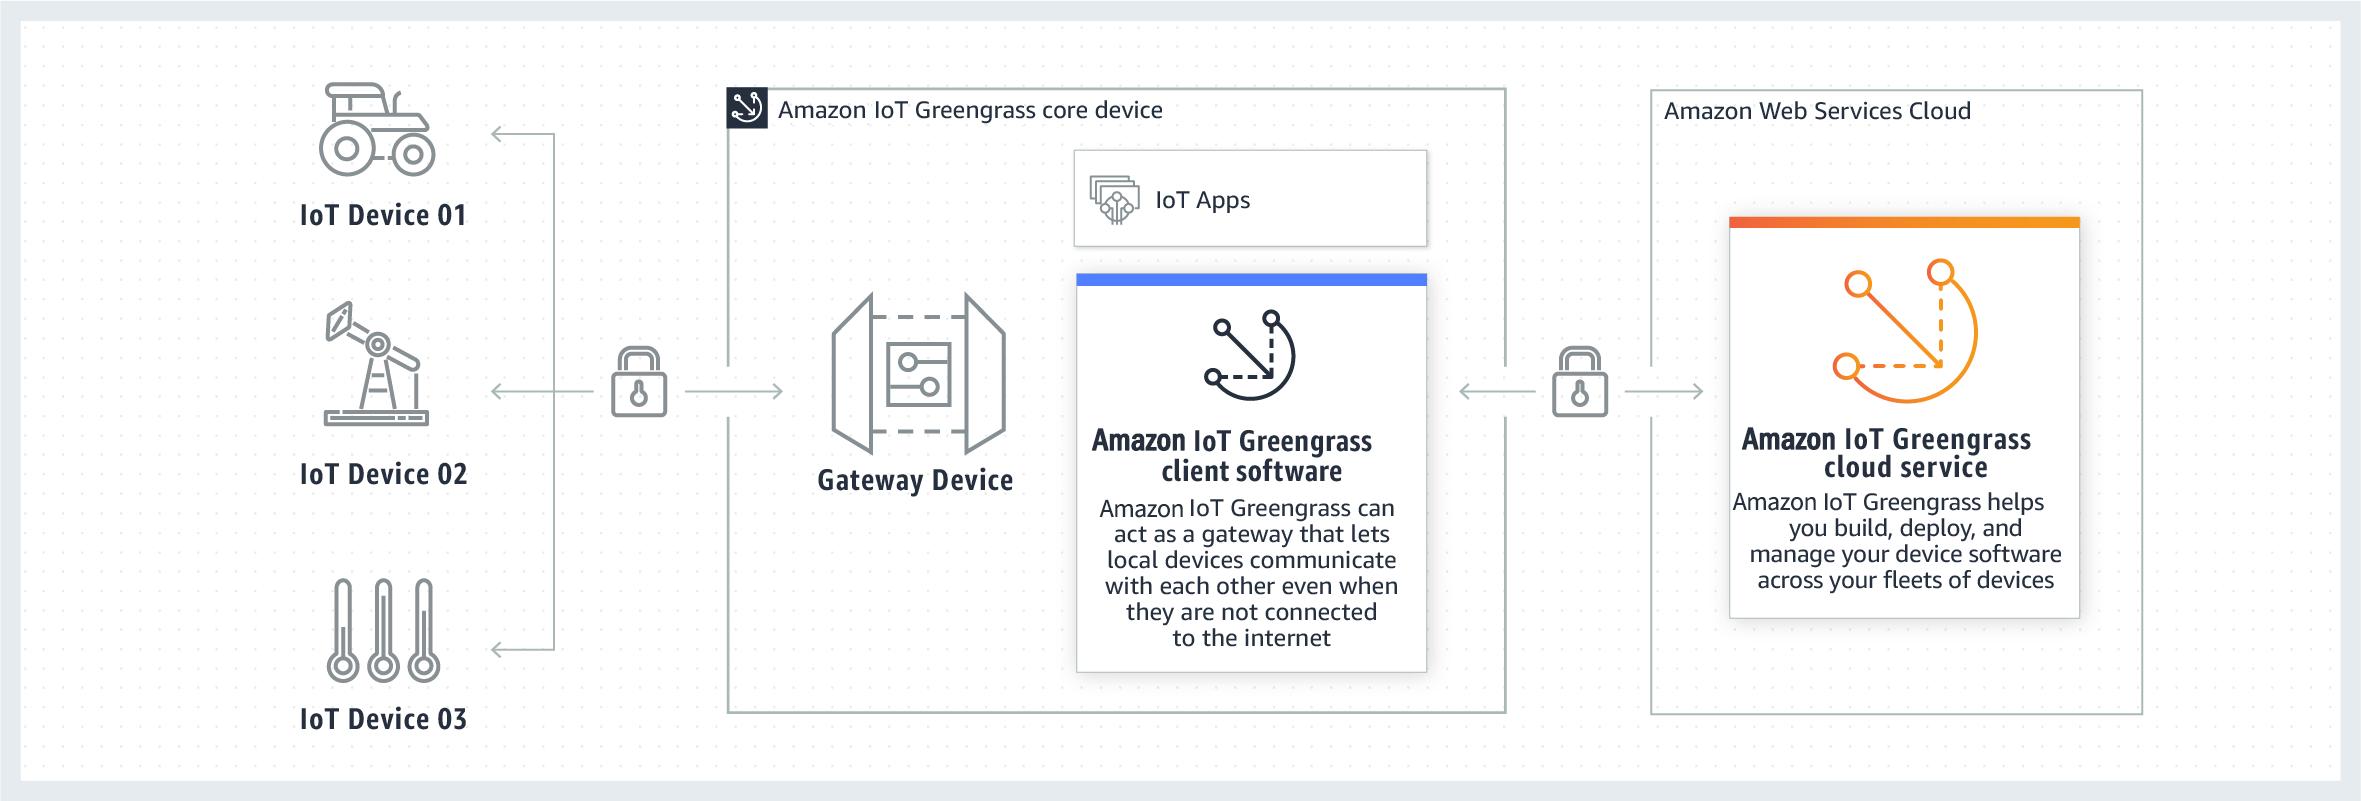 Amazon IoT Greengrass 连接器